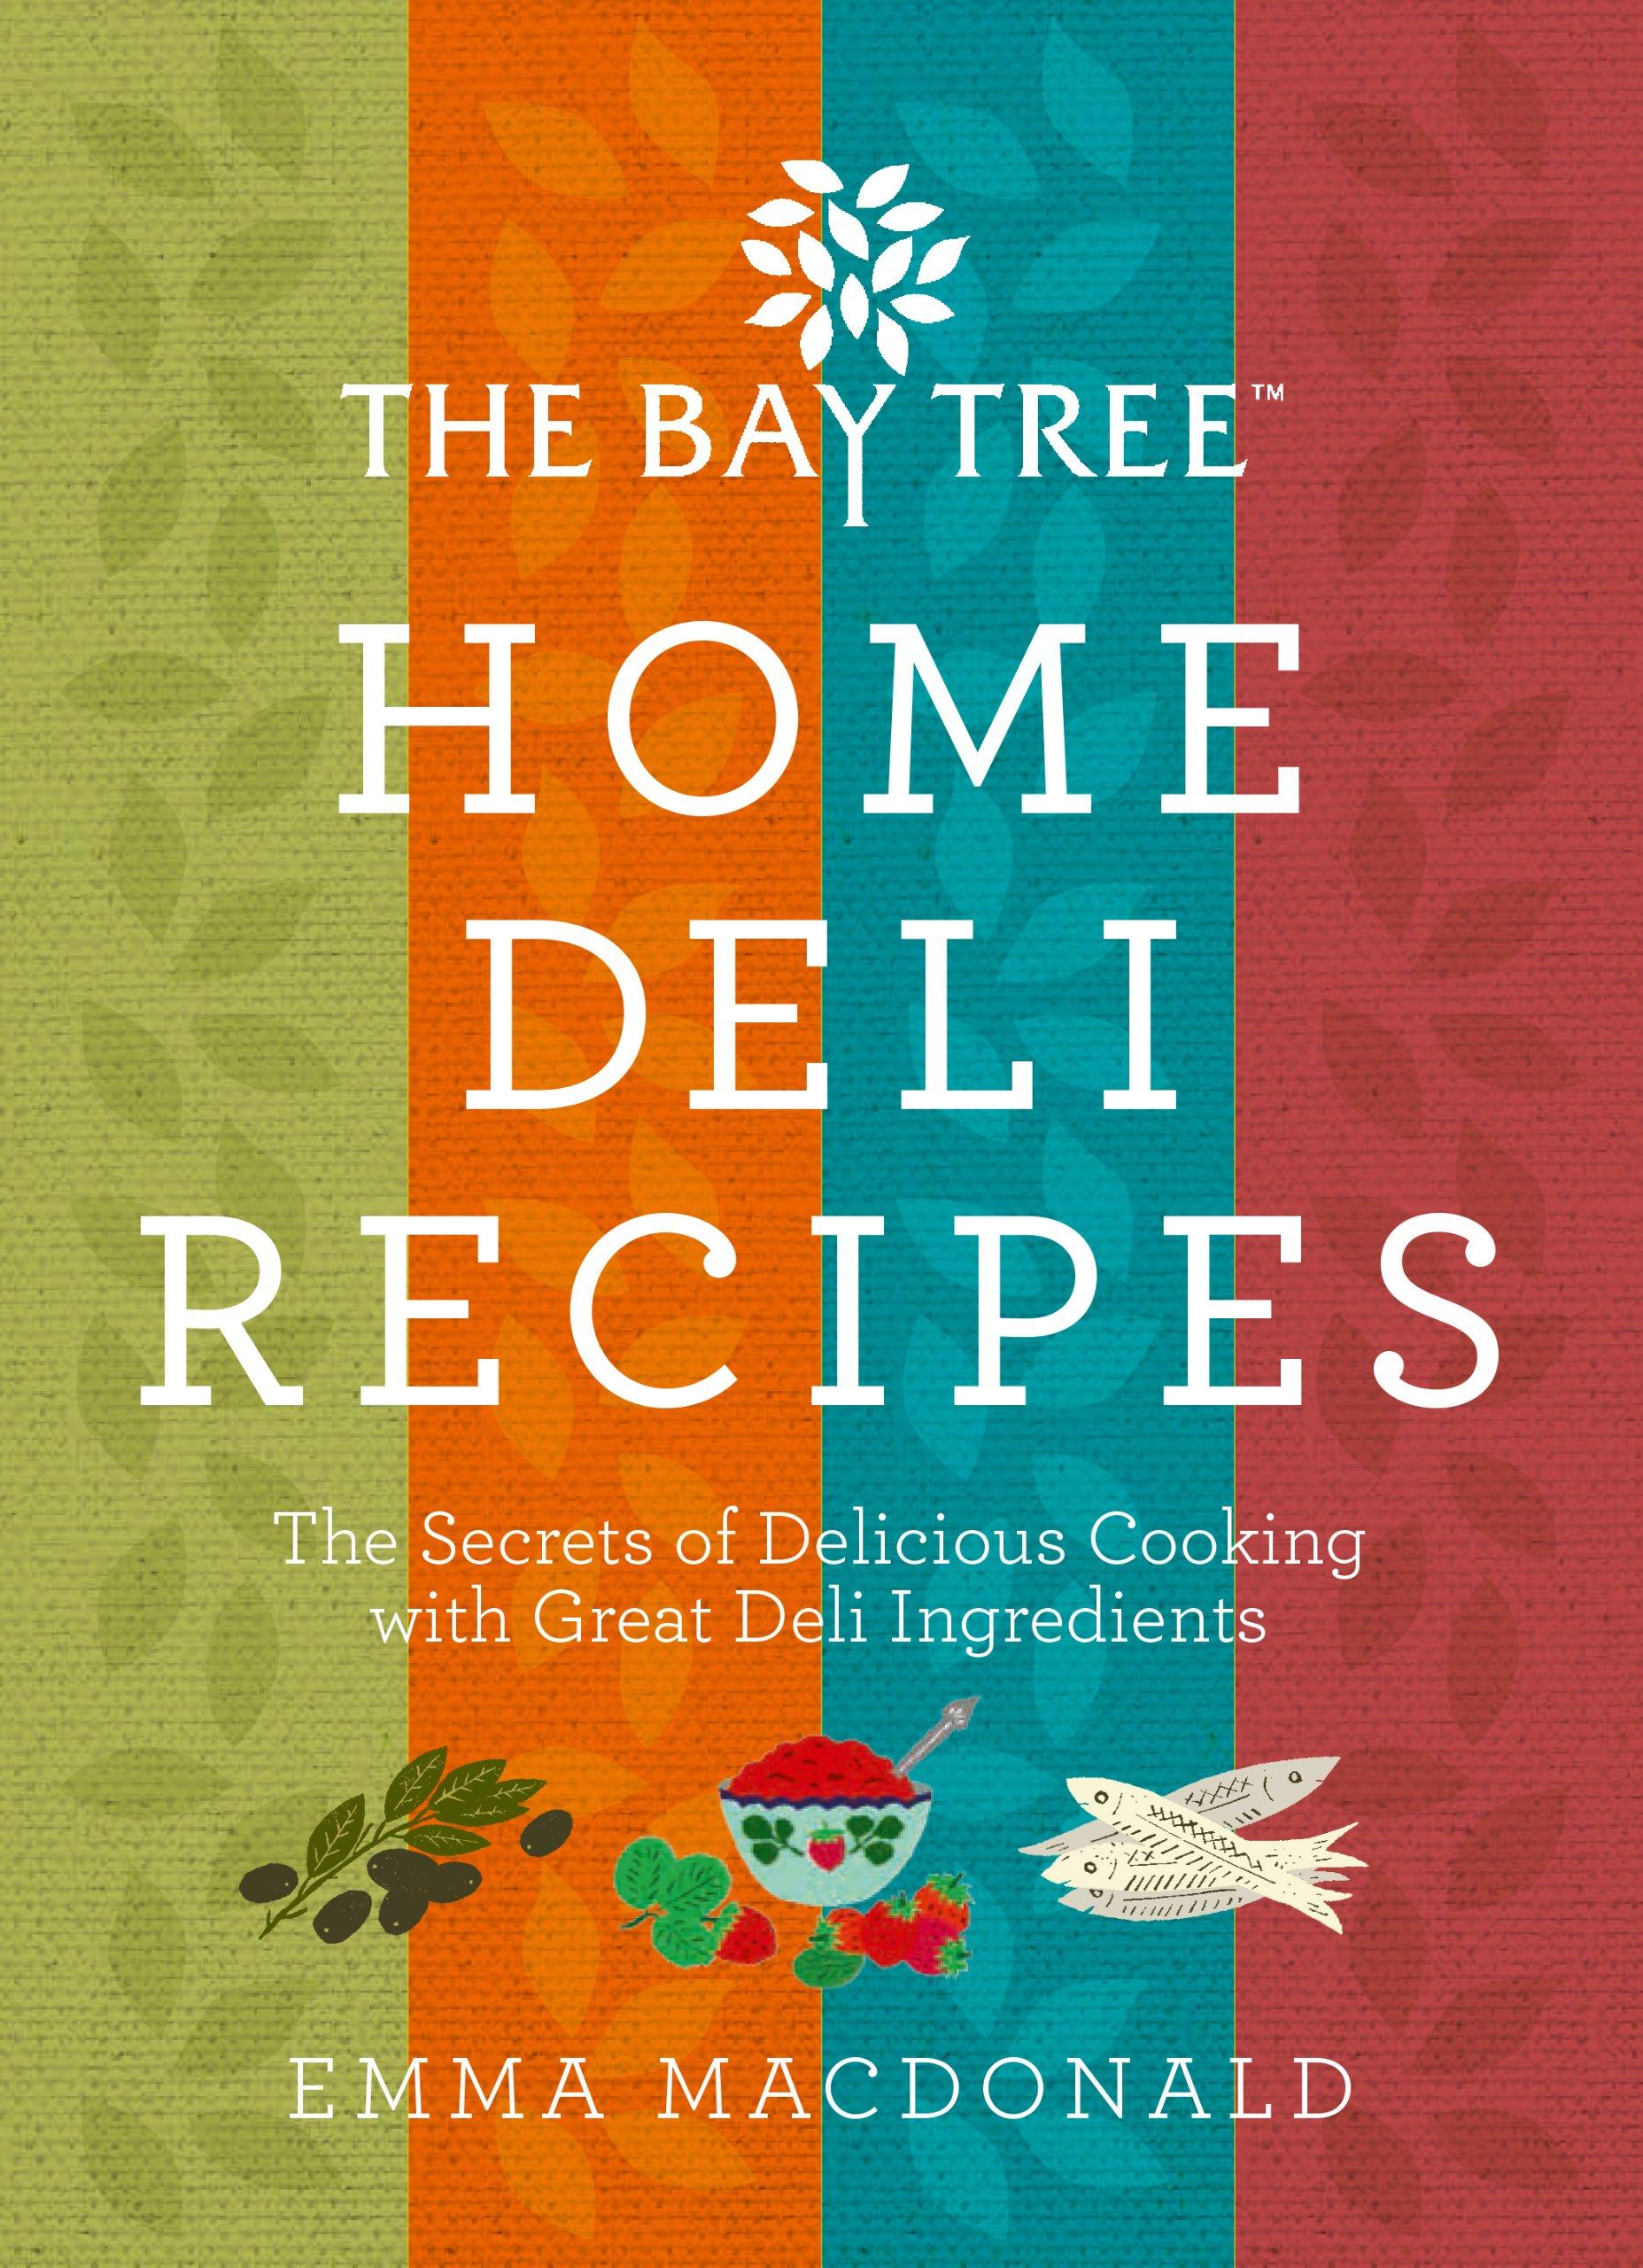 Home Deli Recipes: Emma MacDonald: 9781848991095: Amazon.com: Books